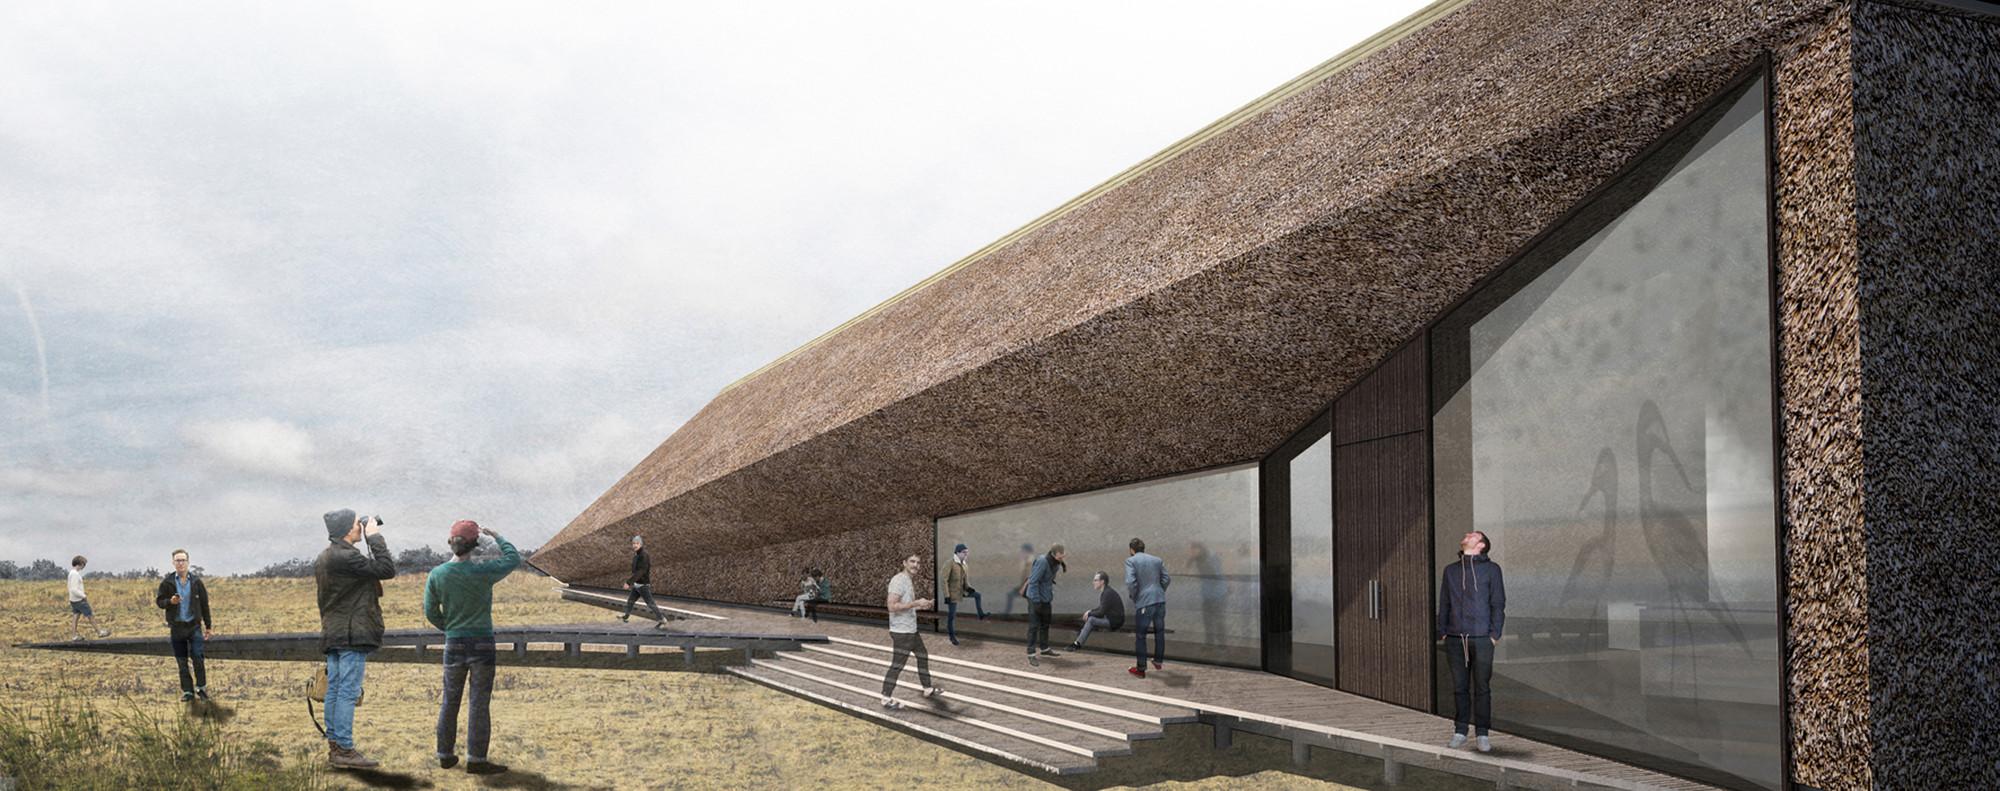 Gallery Of Dorte Mandrup Designs Wadden Sea Center For